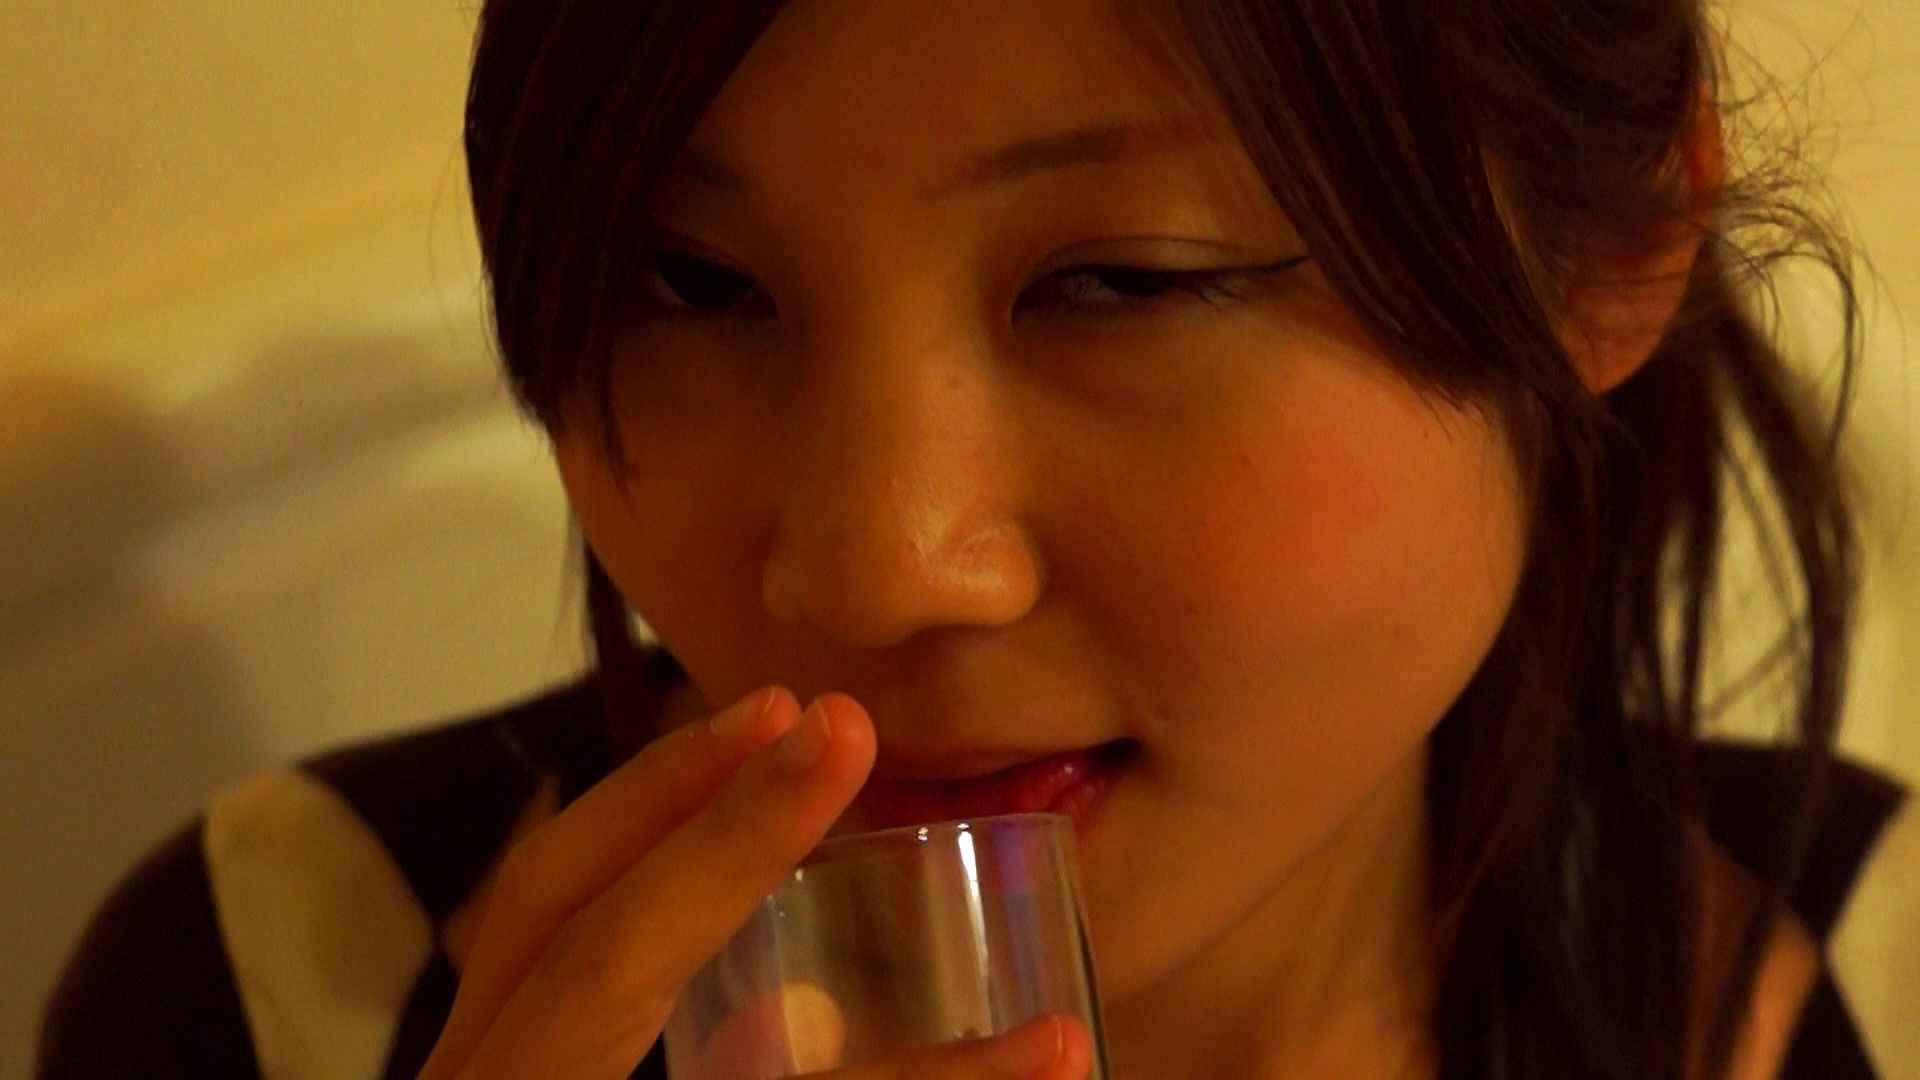 vol.12 瑞希ちゃんにコップを舐めてもらいました。 フェチ  88pic 78